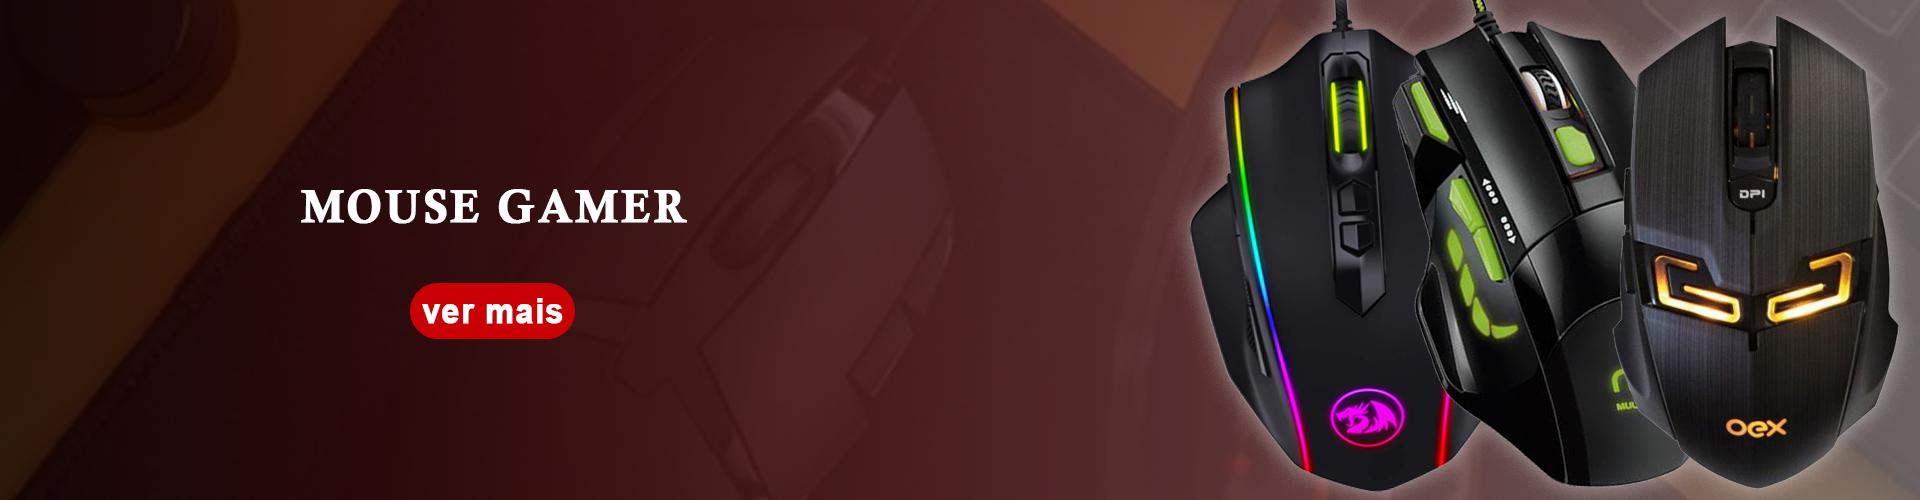 banner mouse gamer